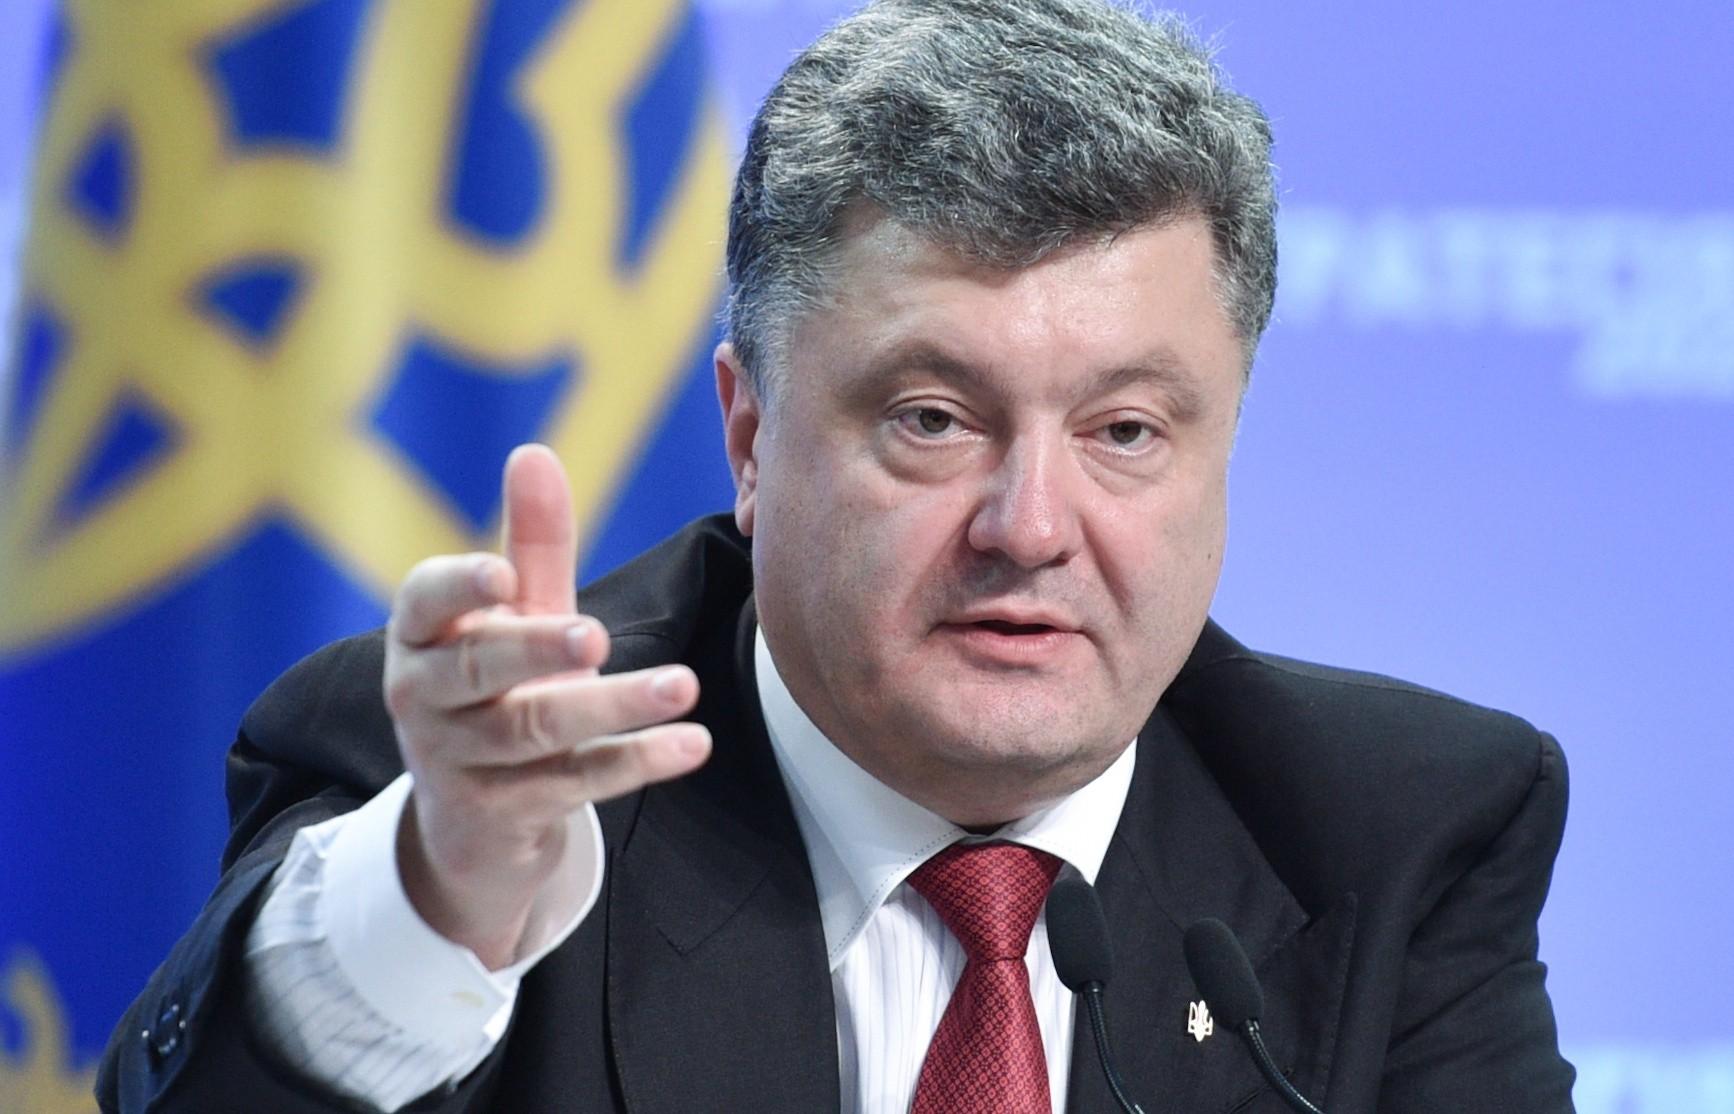 Порошенко заявил о создании на Украине нового БТР по стандартам НАТО